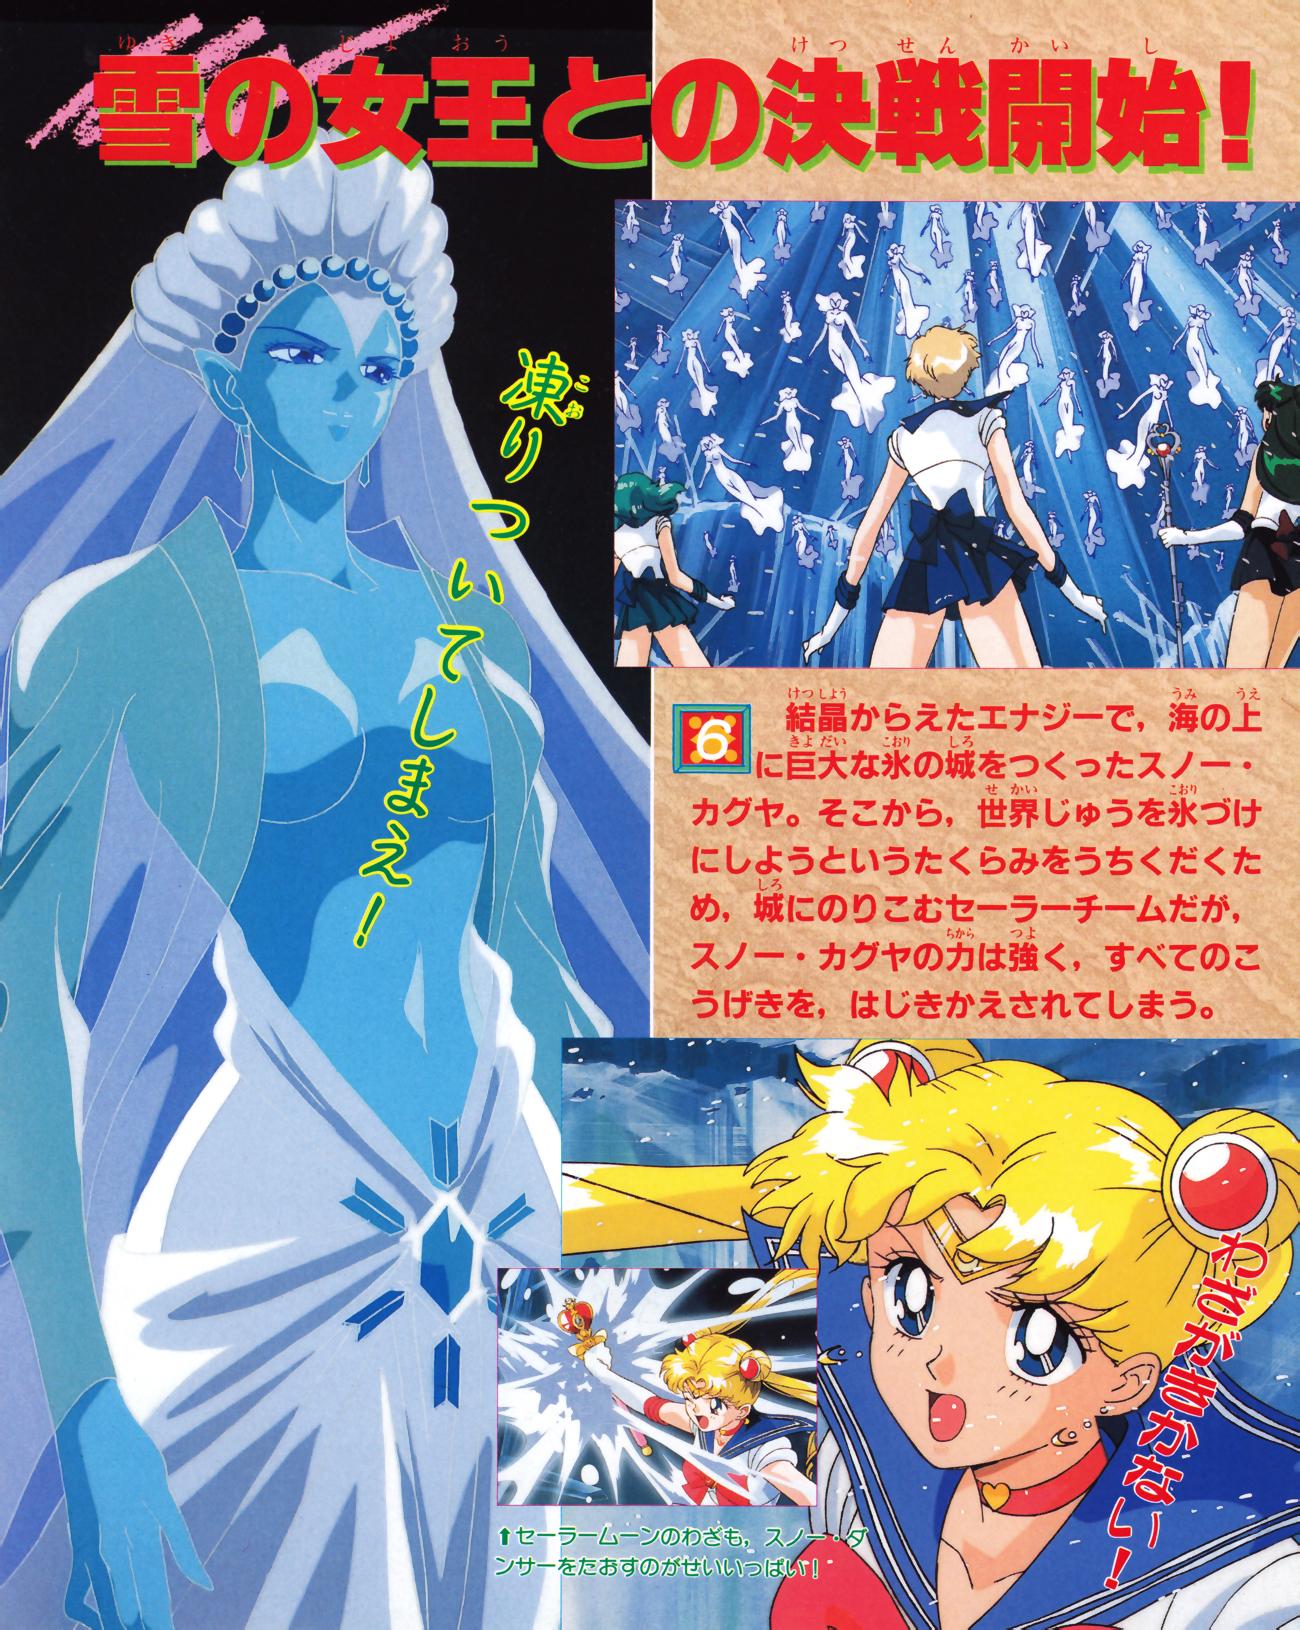 Kodansha_supers_63